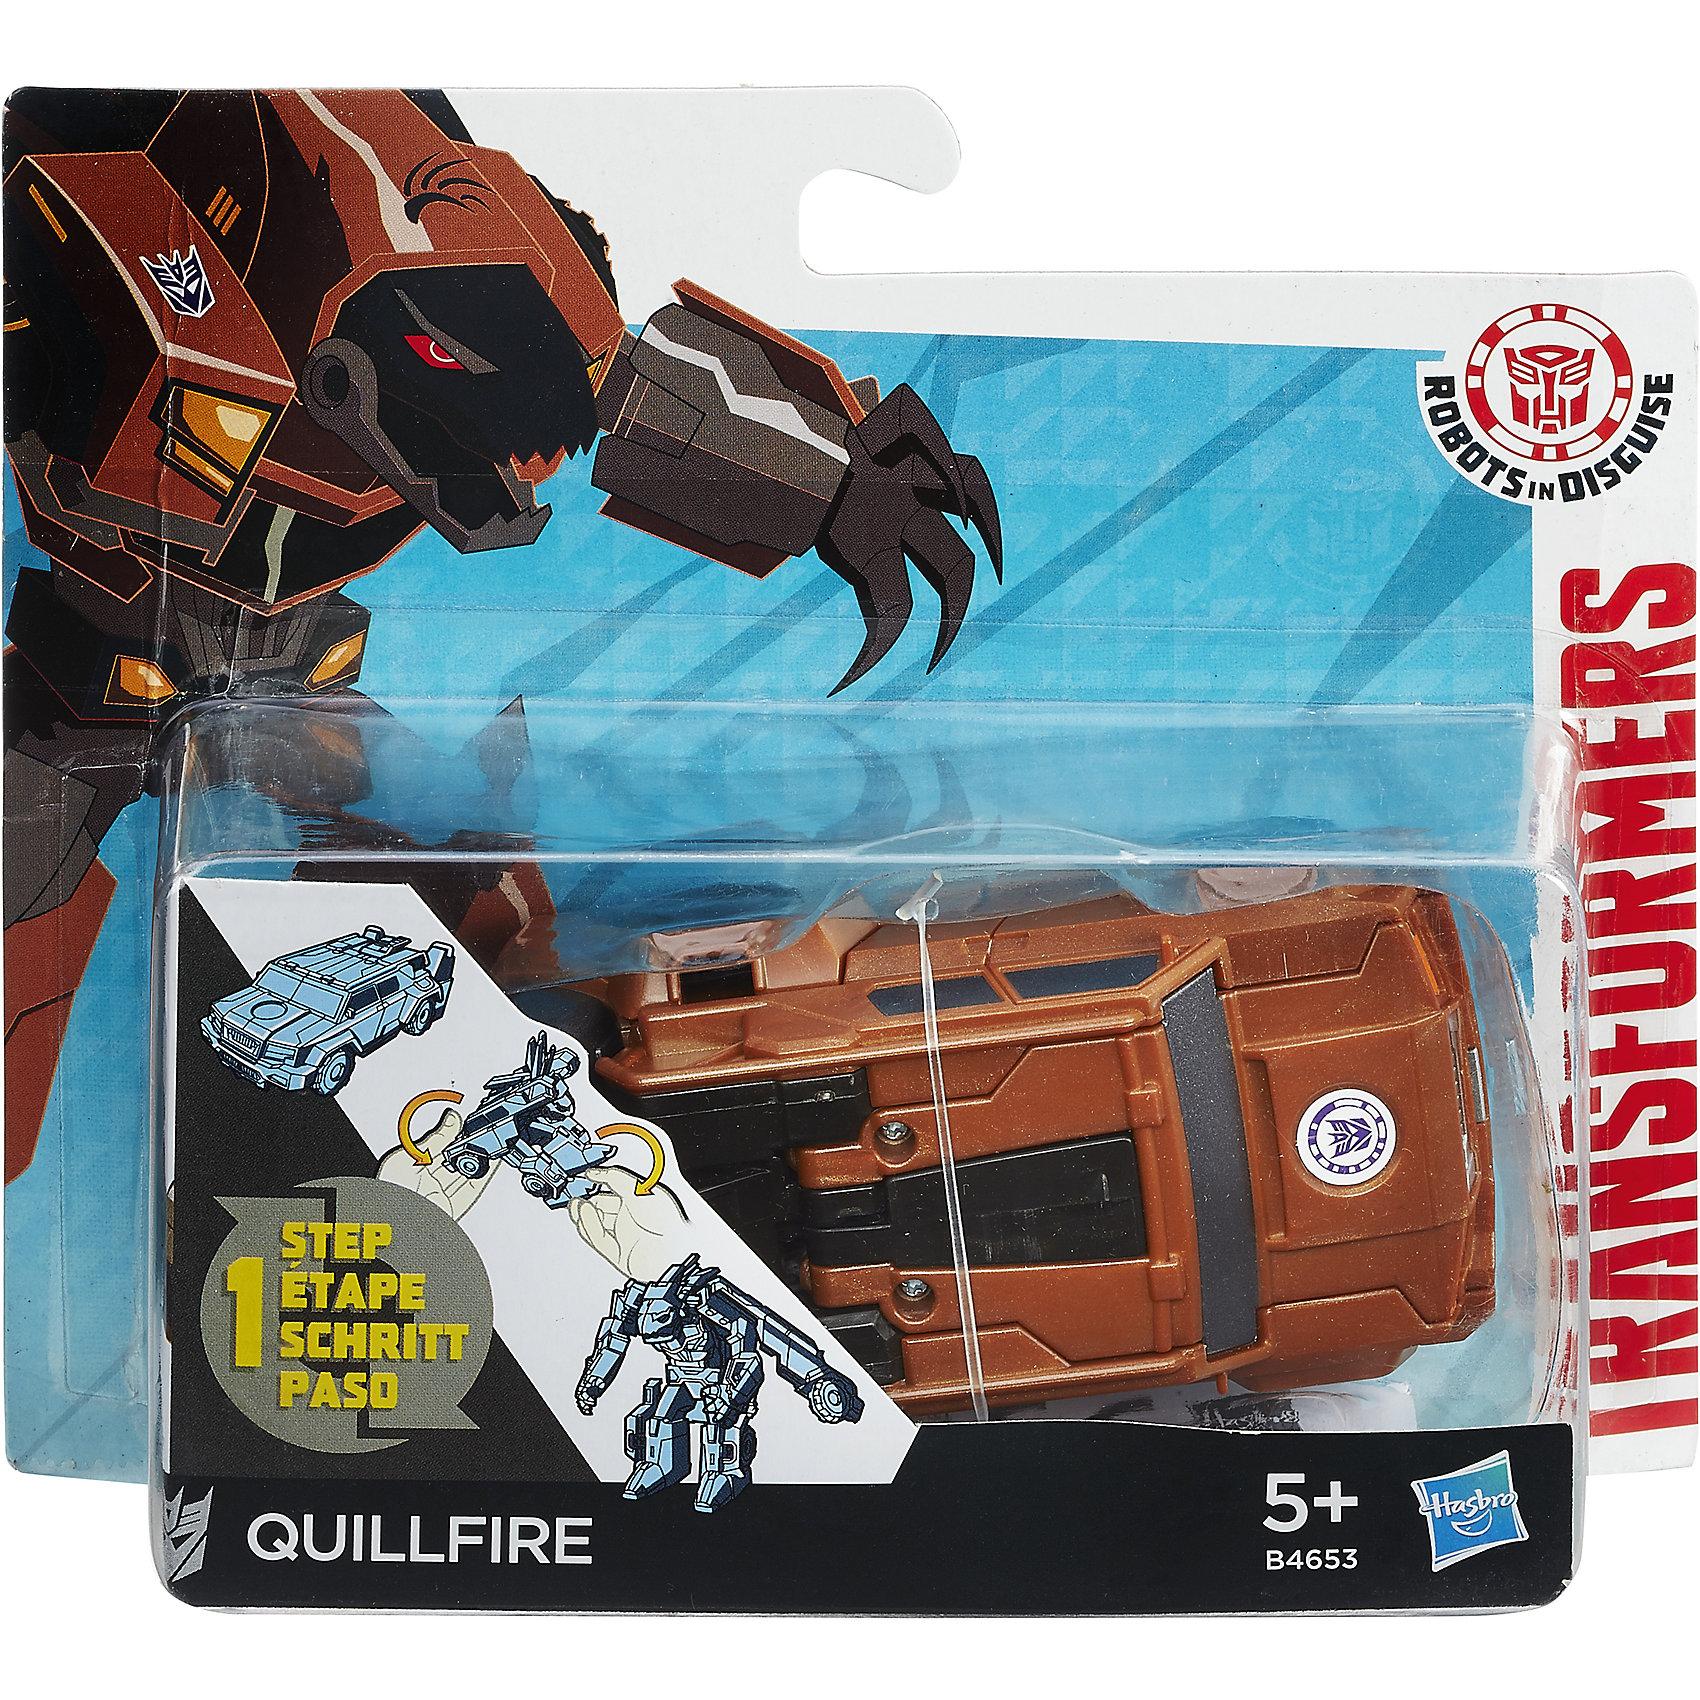 Роботс-ин-Дисгайс Уан-Стэп, Quillfire, ТрансформерыЛюбимые персонажи, которые трансформируются в один миг! Игрушка выполнена из высококачественного прочного пластика, прекрасно детализирована, легко и просто трансформируется всего за 5 действий. Робот имеет средний размер, ребенку удобно держать его в руках и производить трансформации самостоятельно. Quillfire - авторобот - дикобраз из клана десептиконов, хитрый и опасный. Игрушки-трансформеры помогают развить мелкую моторику, логическое мышление и воображение ребенка.  <br><br>Дополнительная информация: <br><br>- Комплектация: фигурка, оружие. <br>- Материал: пластик. <br>- Размер упаковки: 15х4х15 см. <br>- Размер игрушки: 12 см.<br>- Трансформируется за 5 действий. <br><br>Трансформер Роботс-ин-Дисгайс Уан-Стэп можно купить в нашем магазине.<br><br>Ширина мм: 178<br>Глубина мм: 151<br>Высота мм: 63<br>Вес г: 115<br>Возраст от месяцев: 60<br>Возраст до месяцев: 120<br>Пол: Мужской<br>Возраст: Детский<br>SKU: 4702893